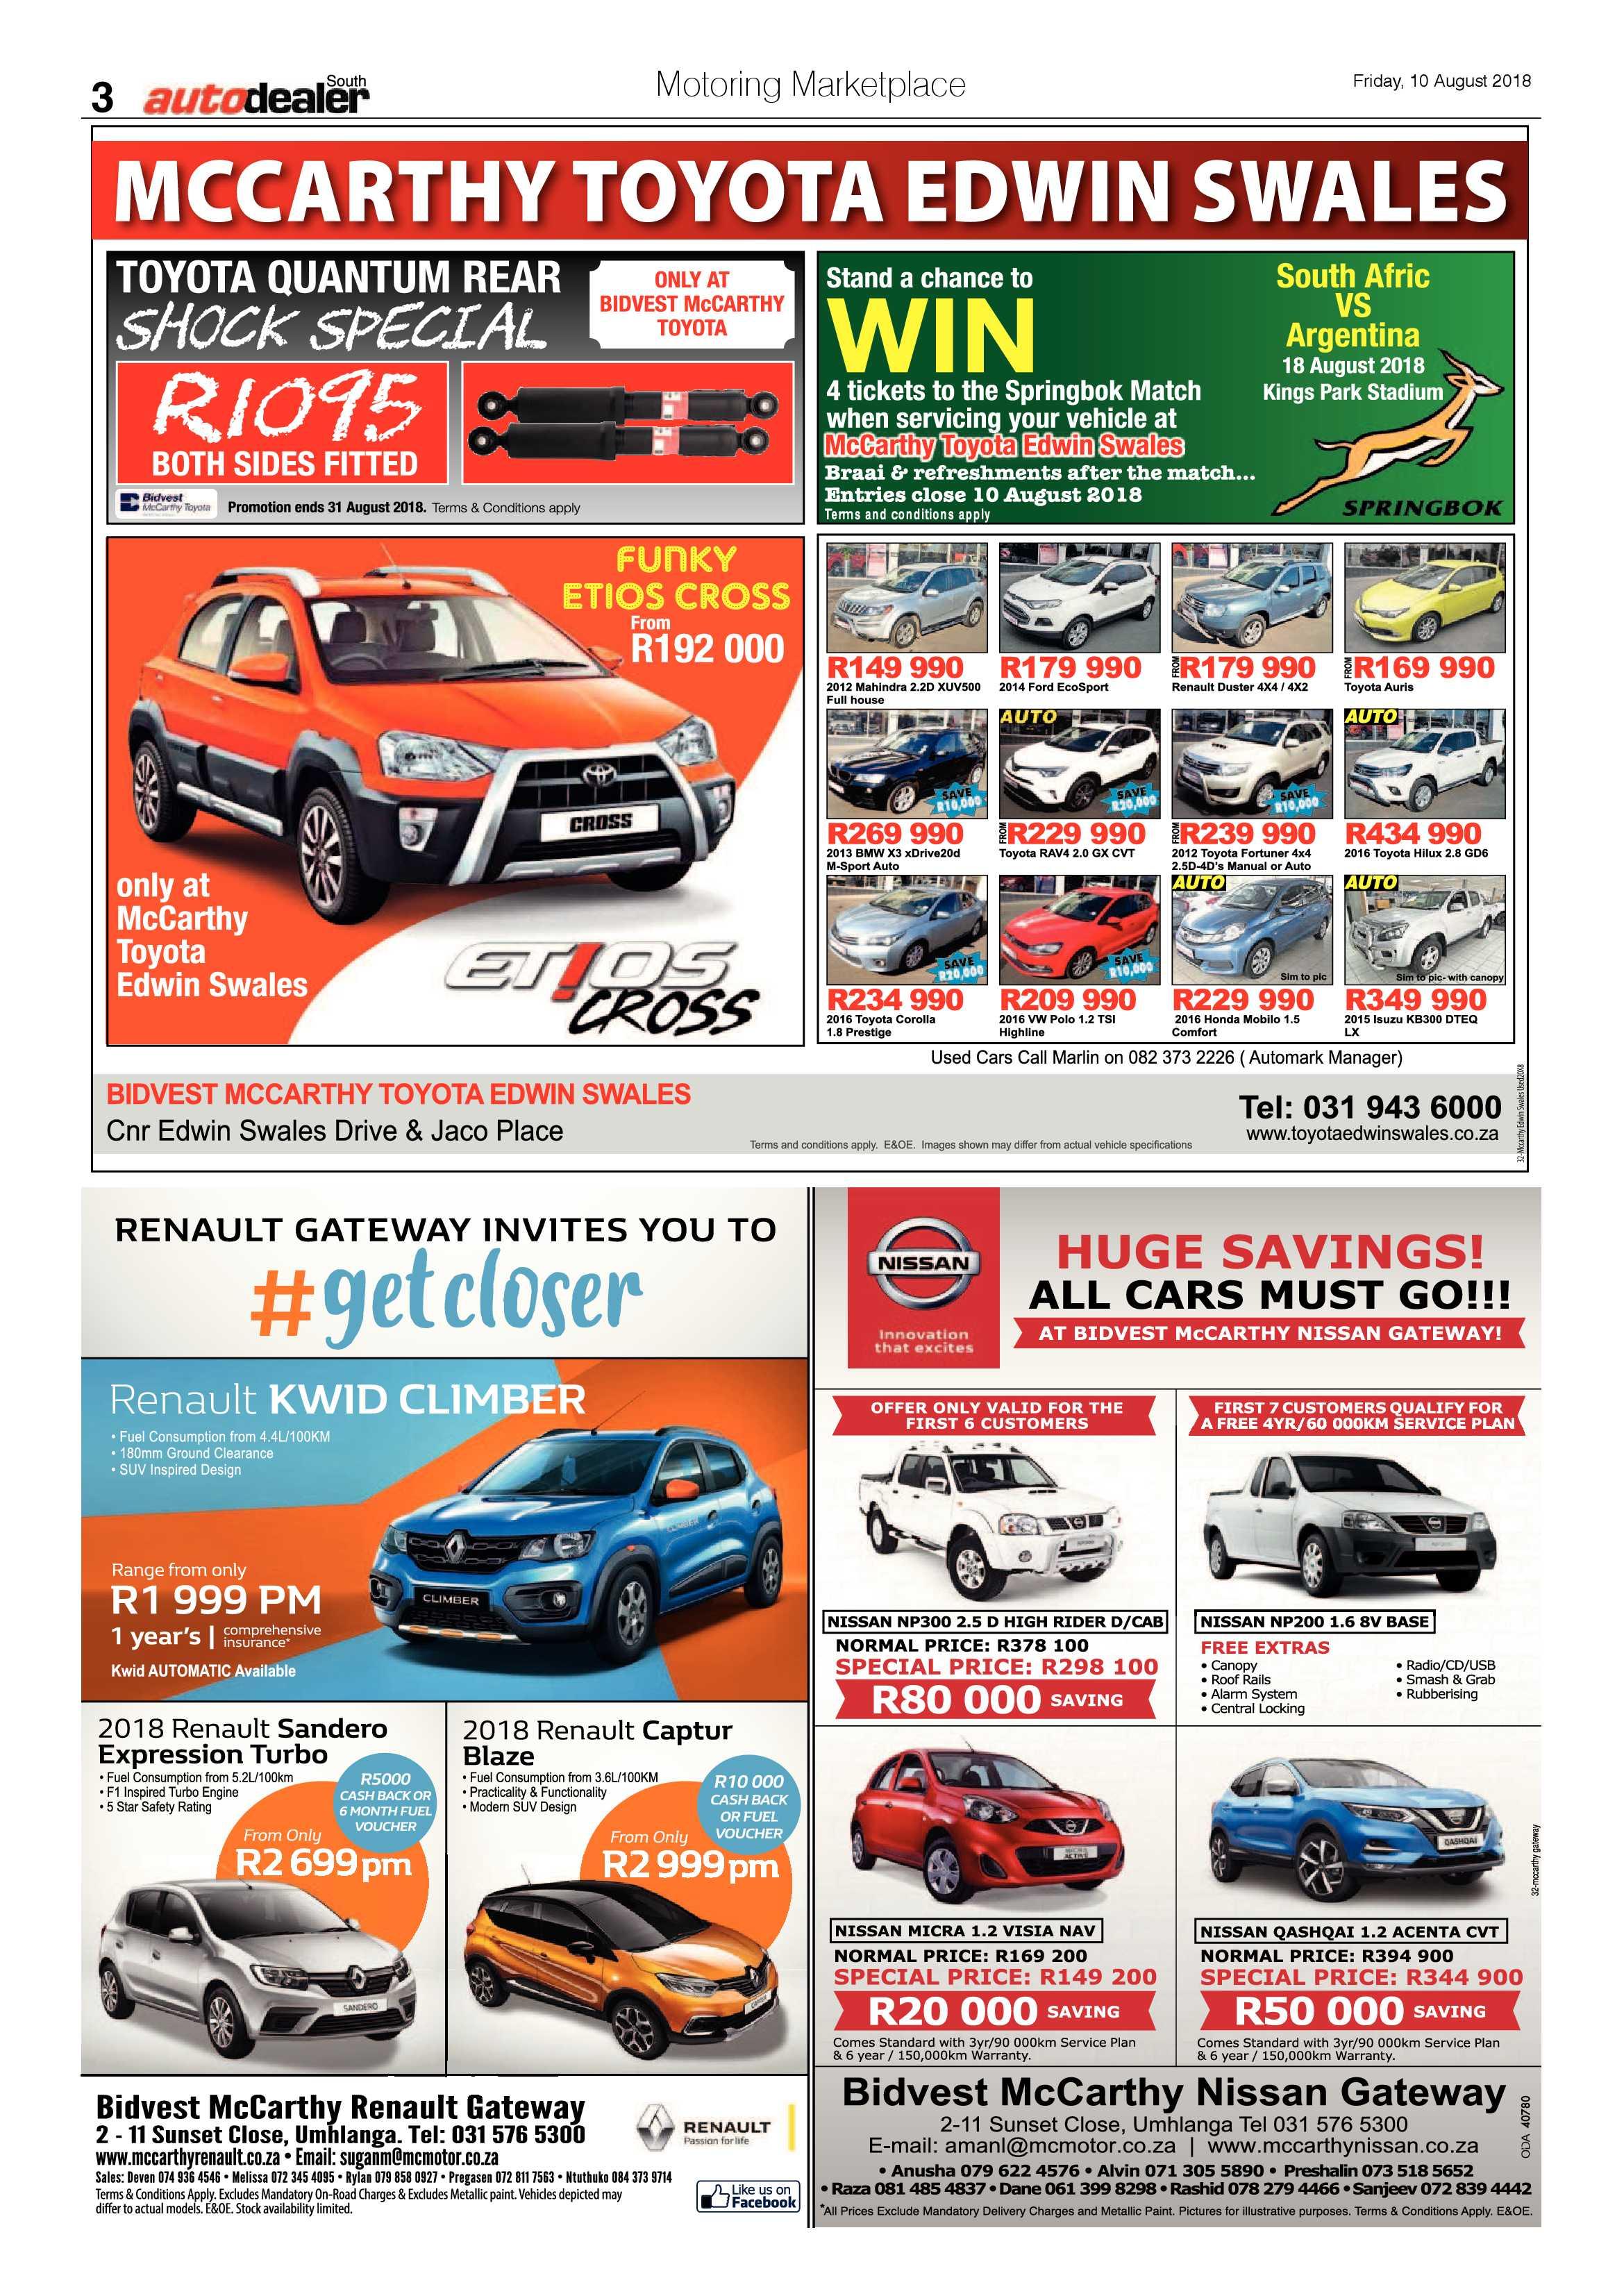 10 August 2018 | South Coast Sun  |10 August 2018